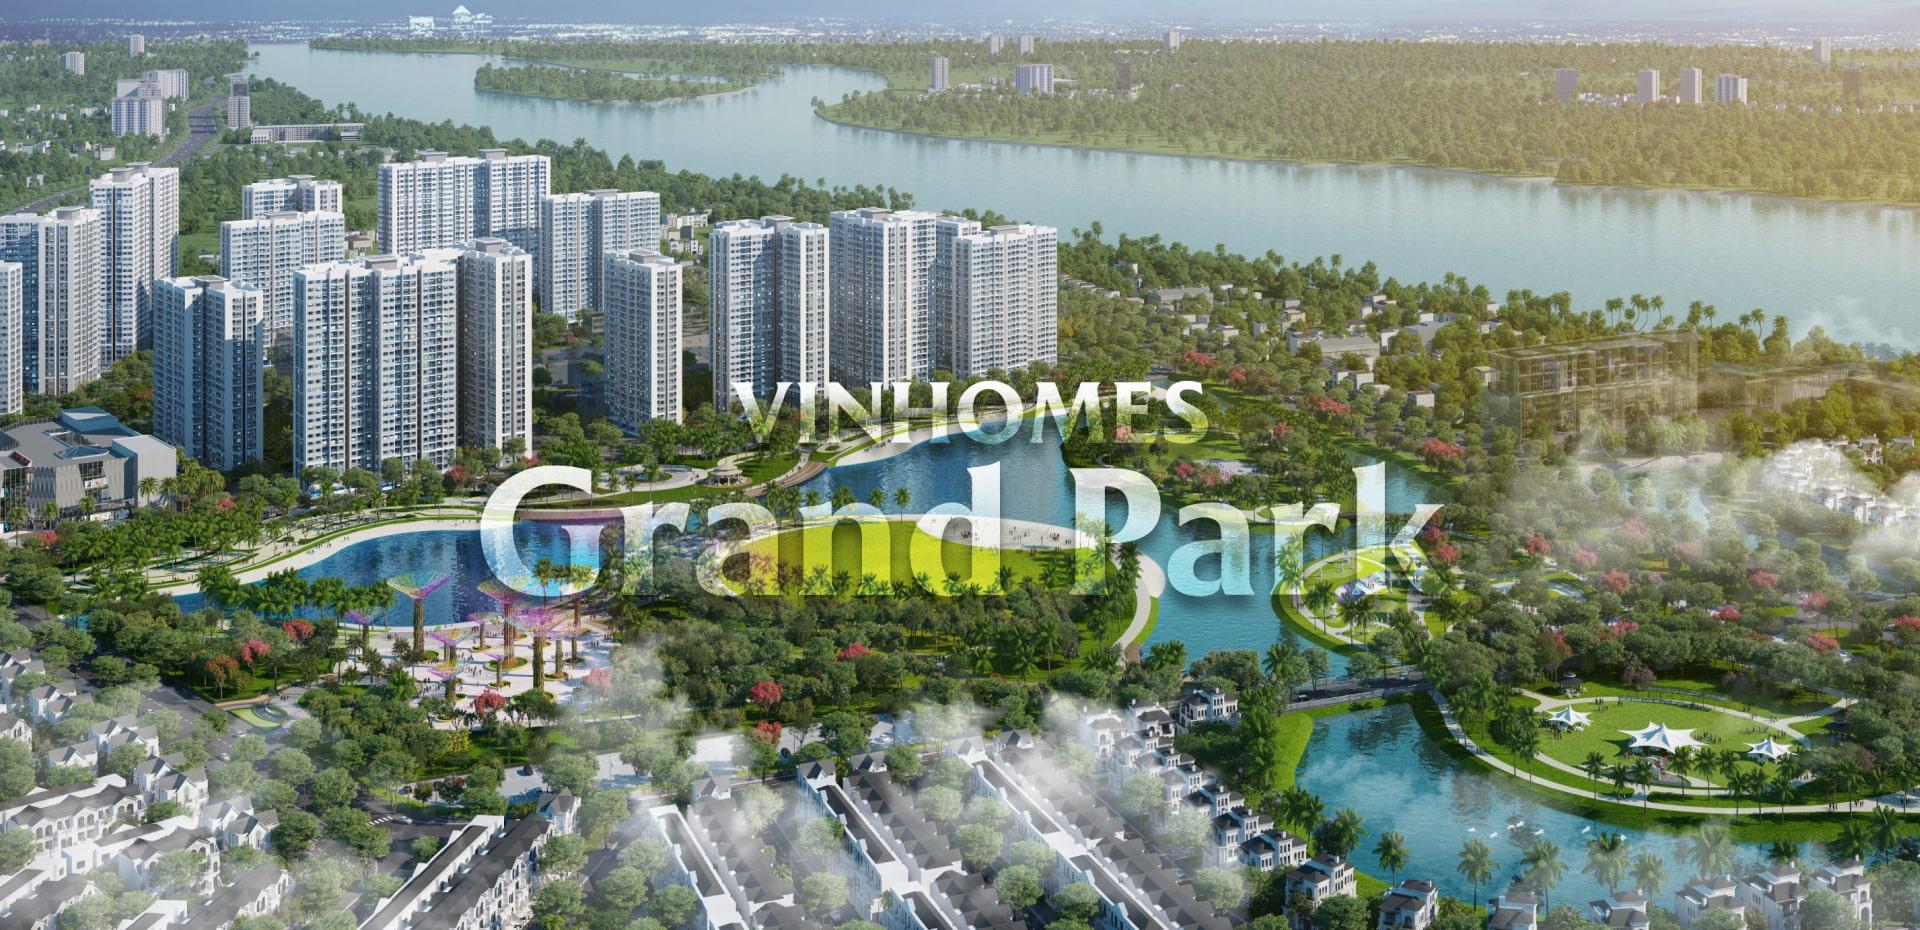 Vinhomes Grand Park sở hữu vị trí vàng từ vị trí đầy tiềm năng